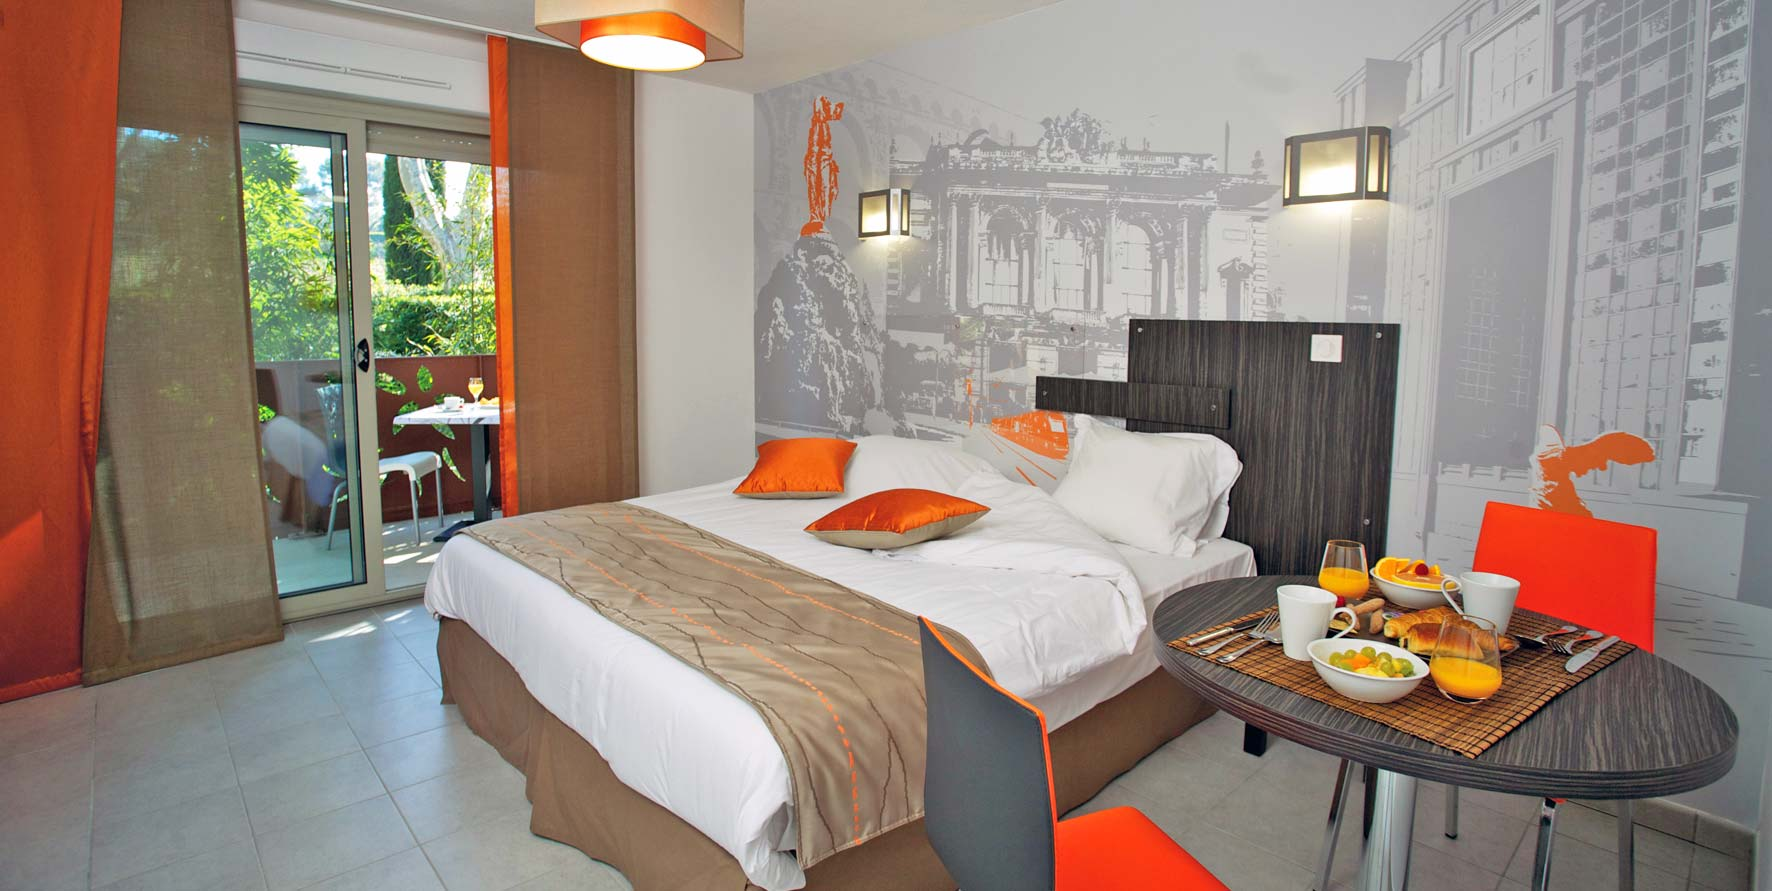 Séjour Montpellier - MONTPELLIER APART'HOTEL MONTP. MILLENAIRE LAGRANGE CITY